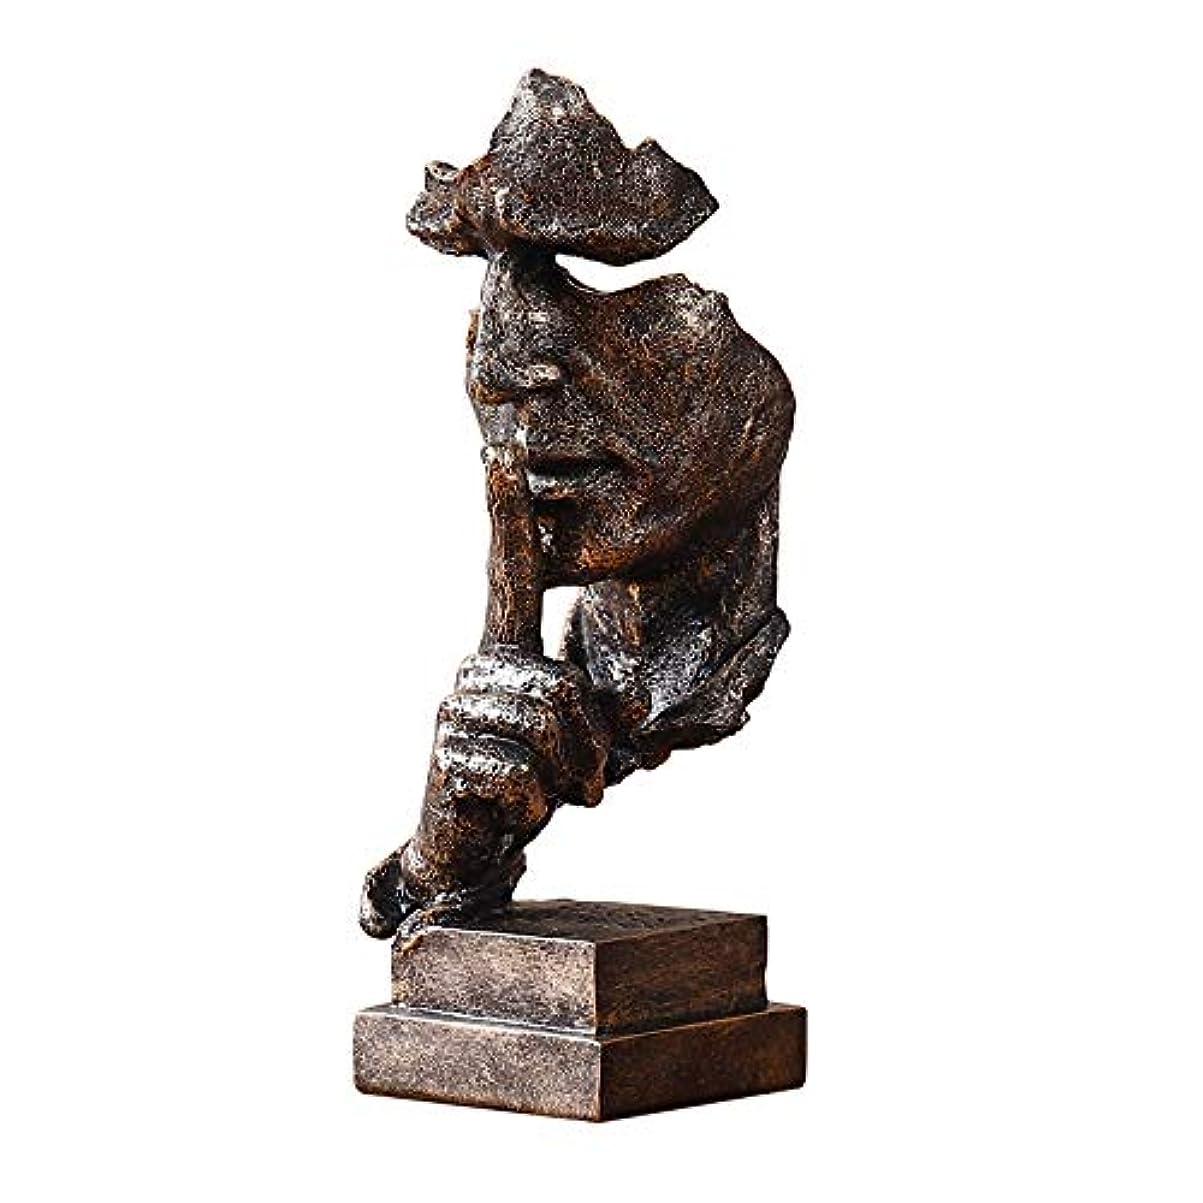 ノイズ大通り鉛筆樹脂抽象彫刻沈黙はゴールデン男性像キャラクター工芸品装飾用オフィスリビングルームアートワーク,Bronze